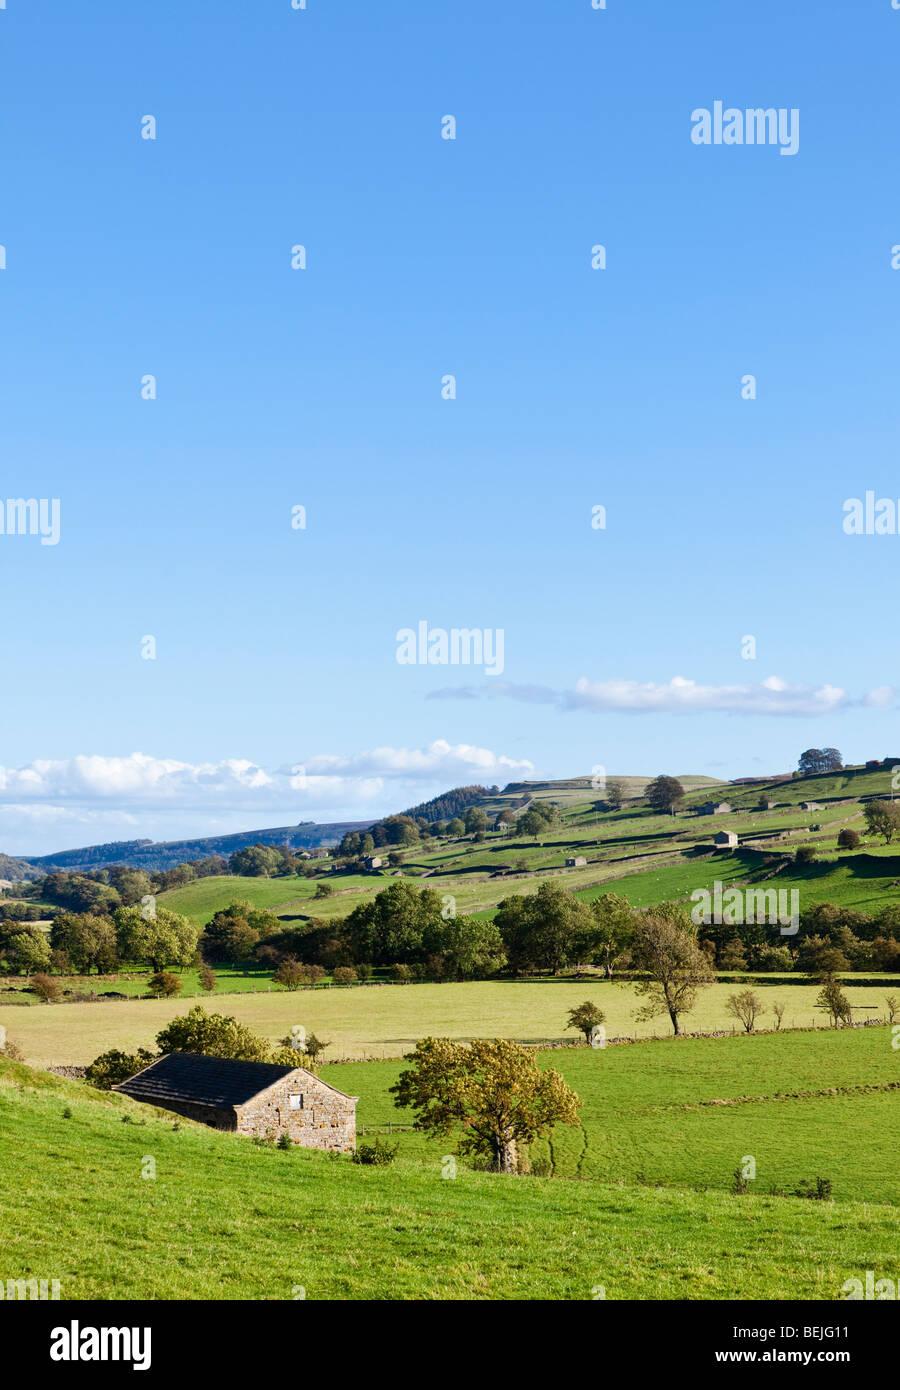 English countryside, Yorkshire Dales, England, UK - Stock Image